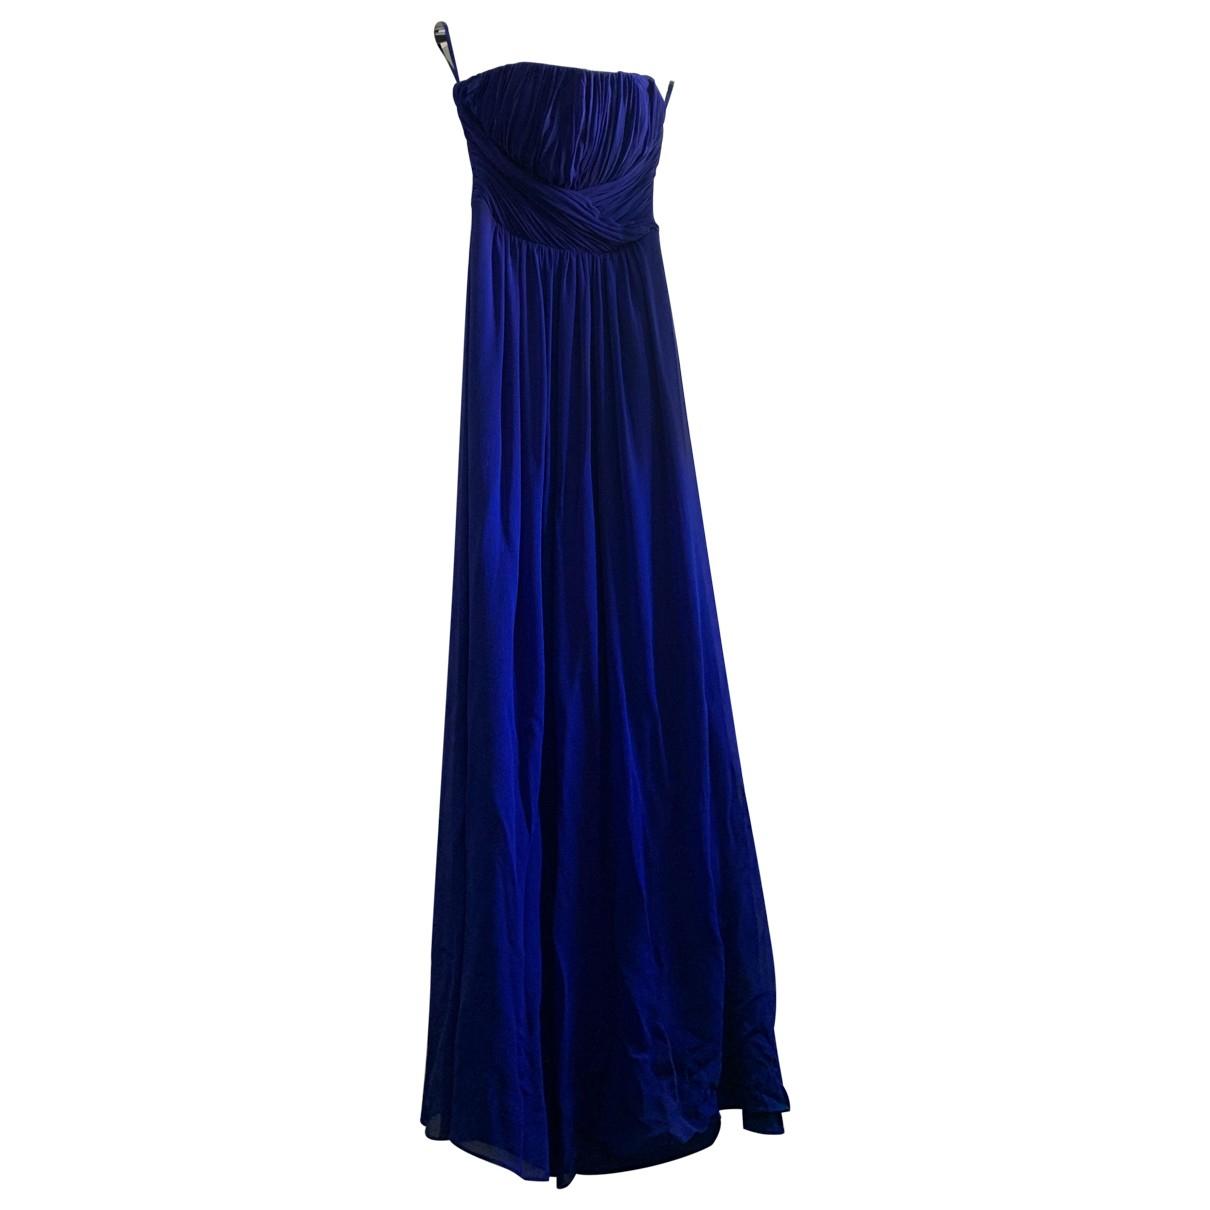 Ted Baker \N Kleid in  Blau Viskose